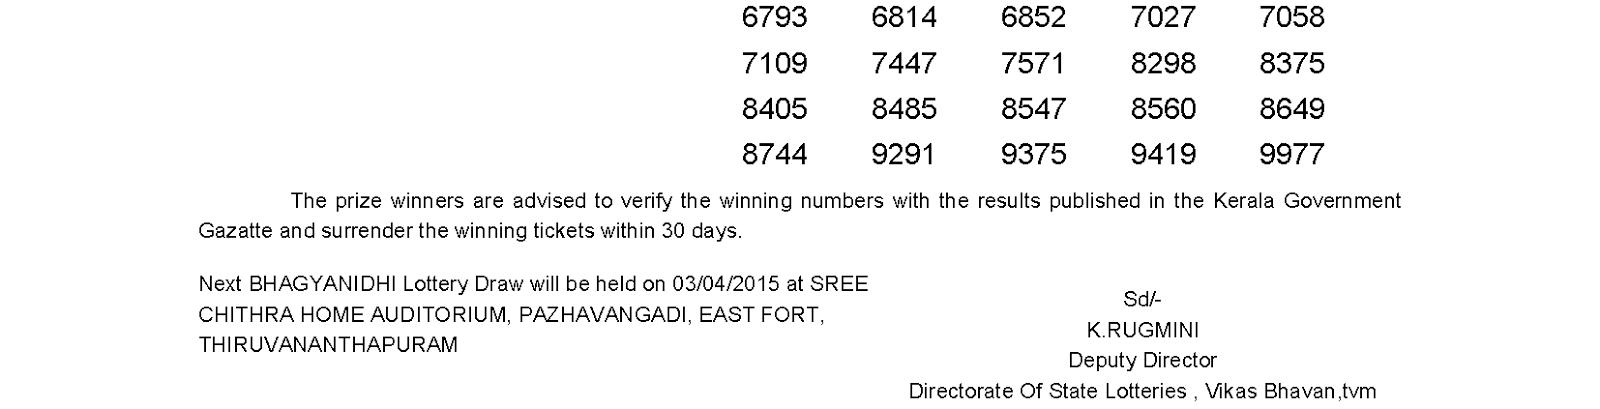 BHAGYANIDHI Lottery BN 181 Result 27-3-2015